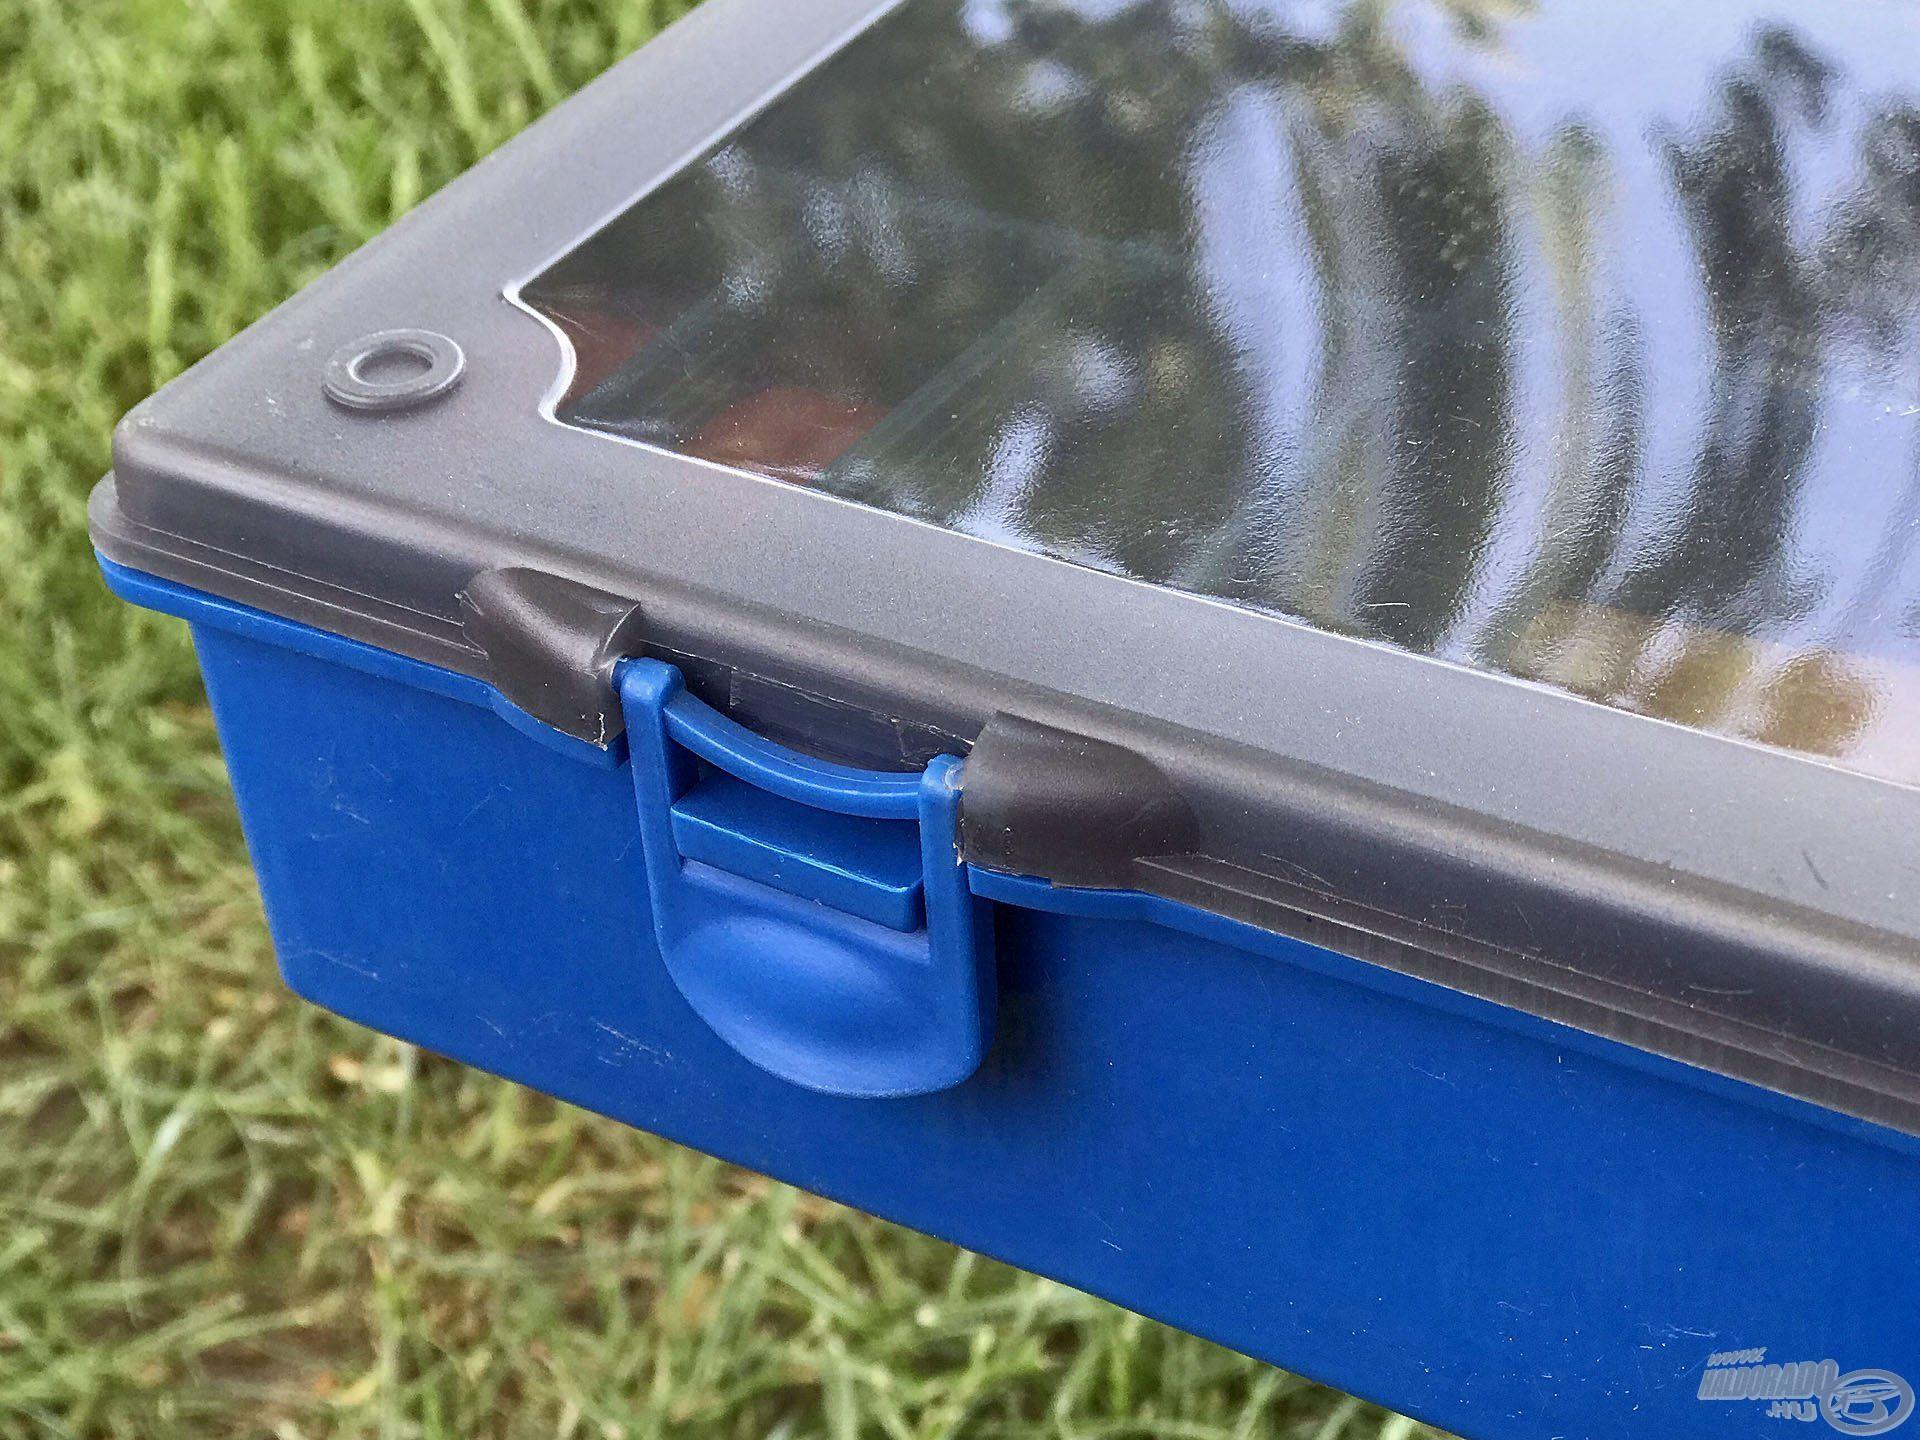 A minőségi, rugalmas műanyagból készült patentokkal a dobozok megbízhatóan zárhatóak